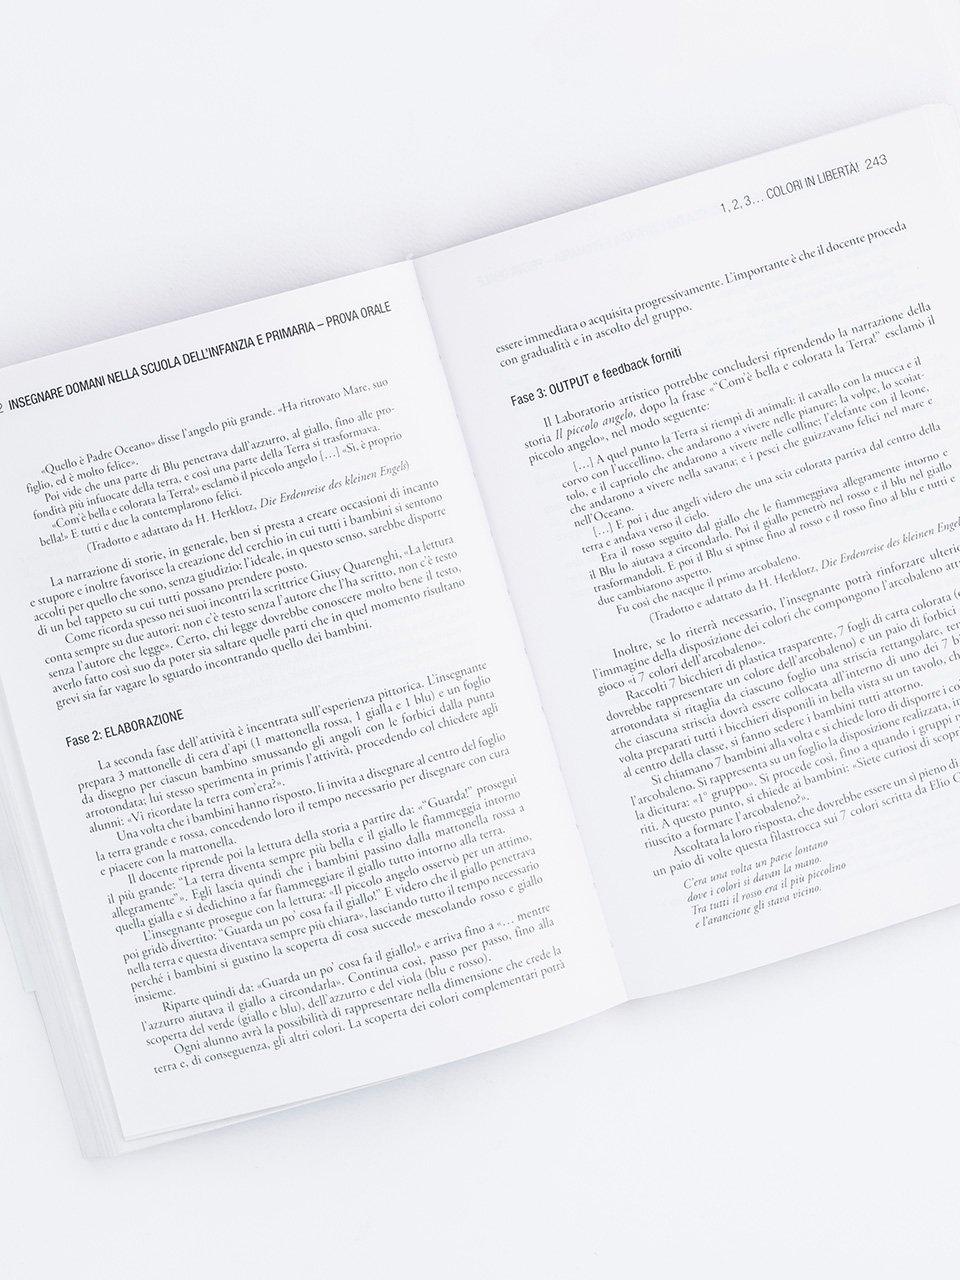 INSEGNARE DOMANI nella scuola dell'infanzia e prim - Libri - Erickson 2